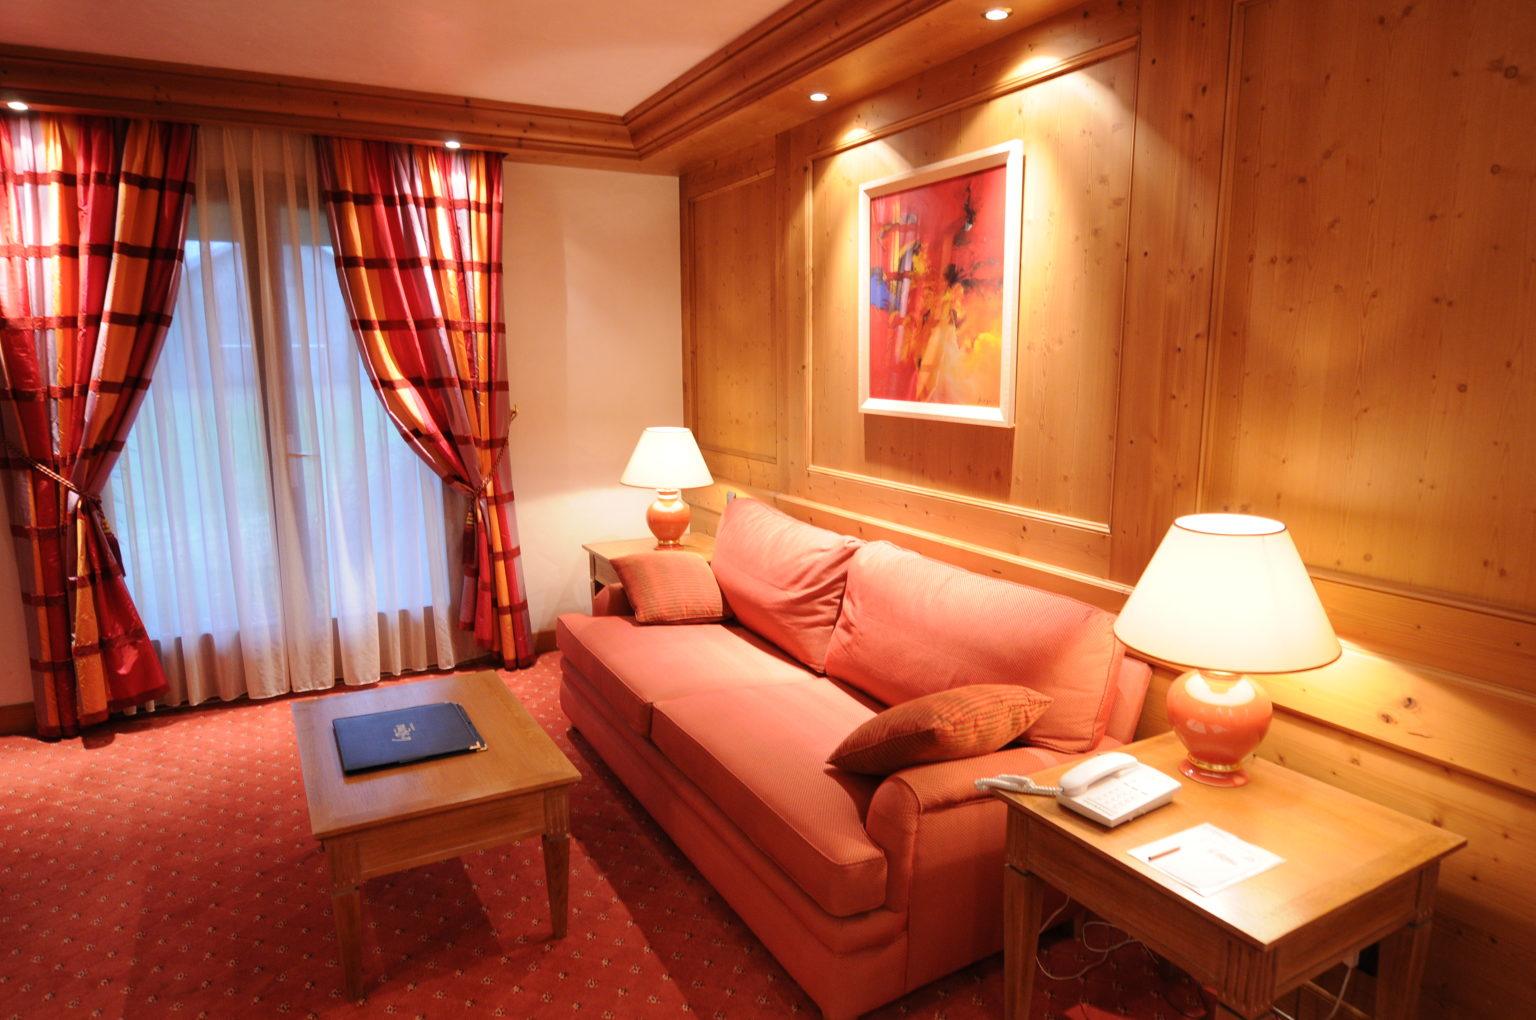 BI_HOTELLERIE RESTAURATION_PICT156